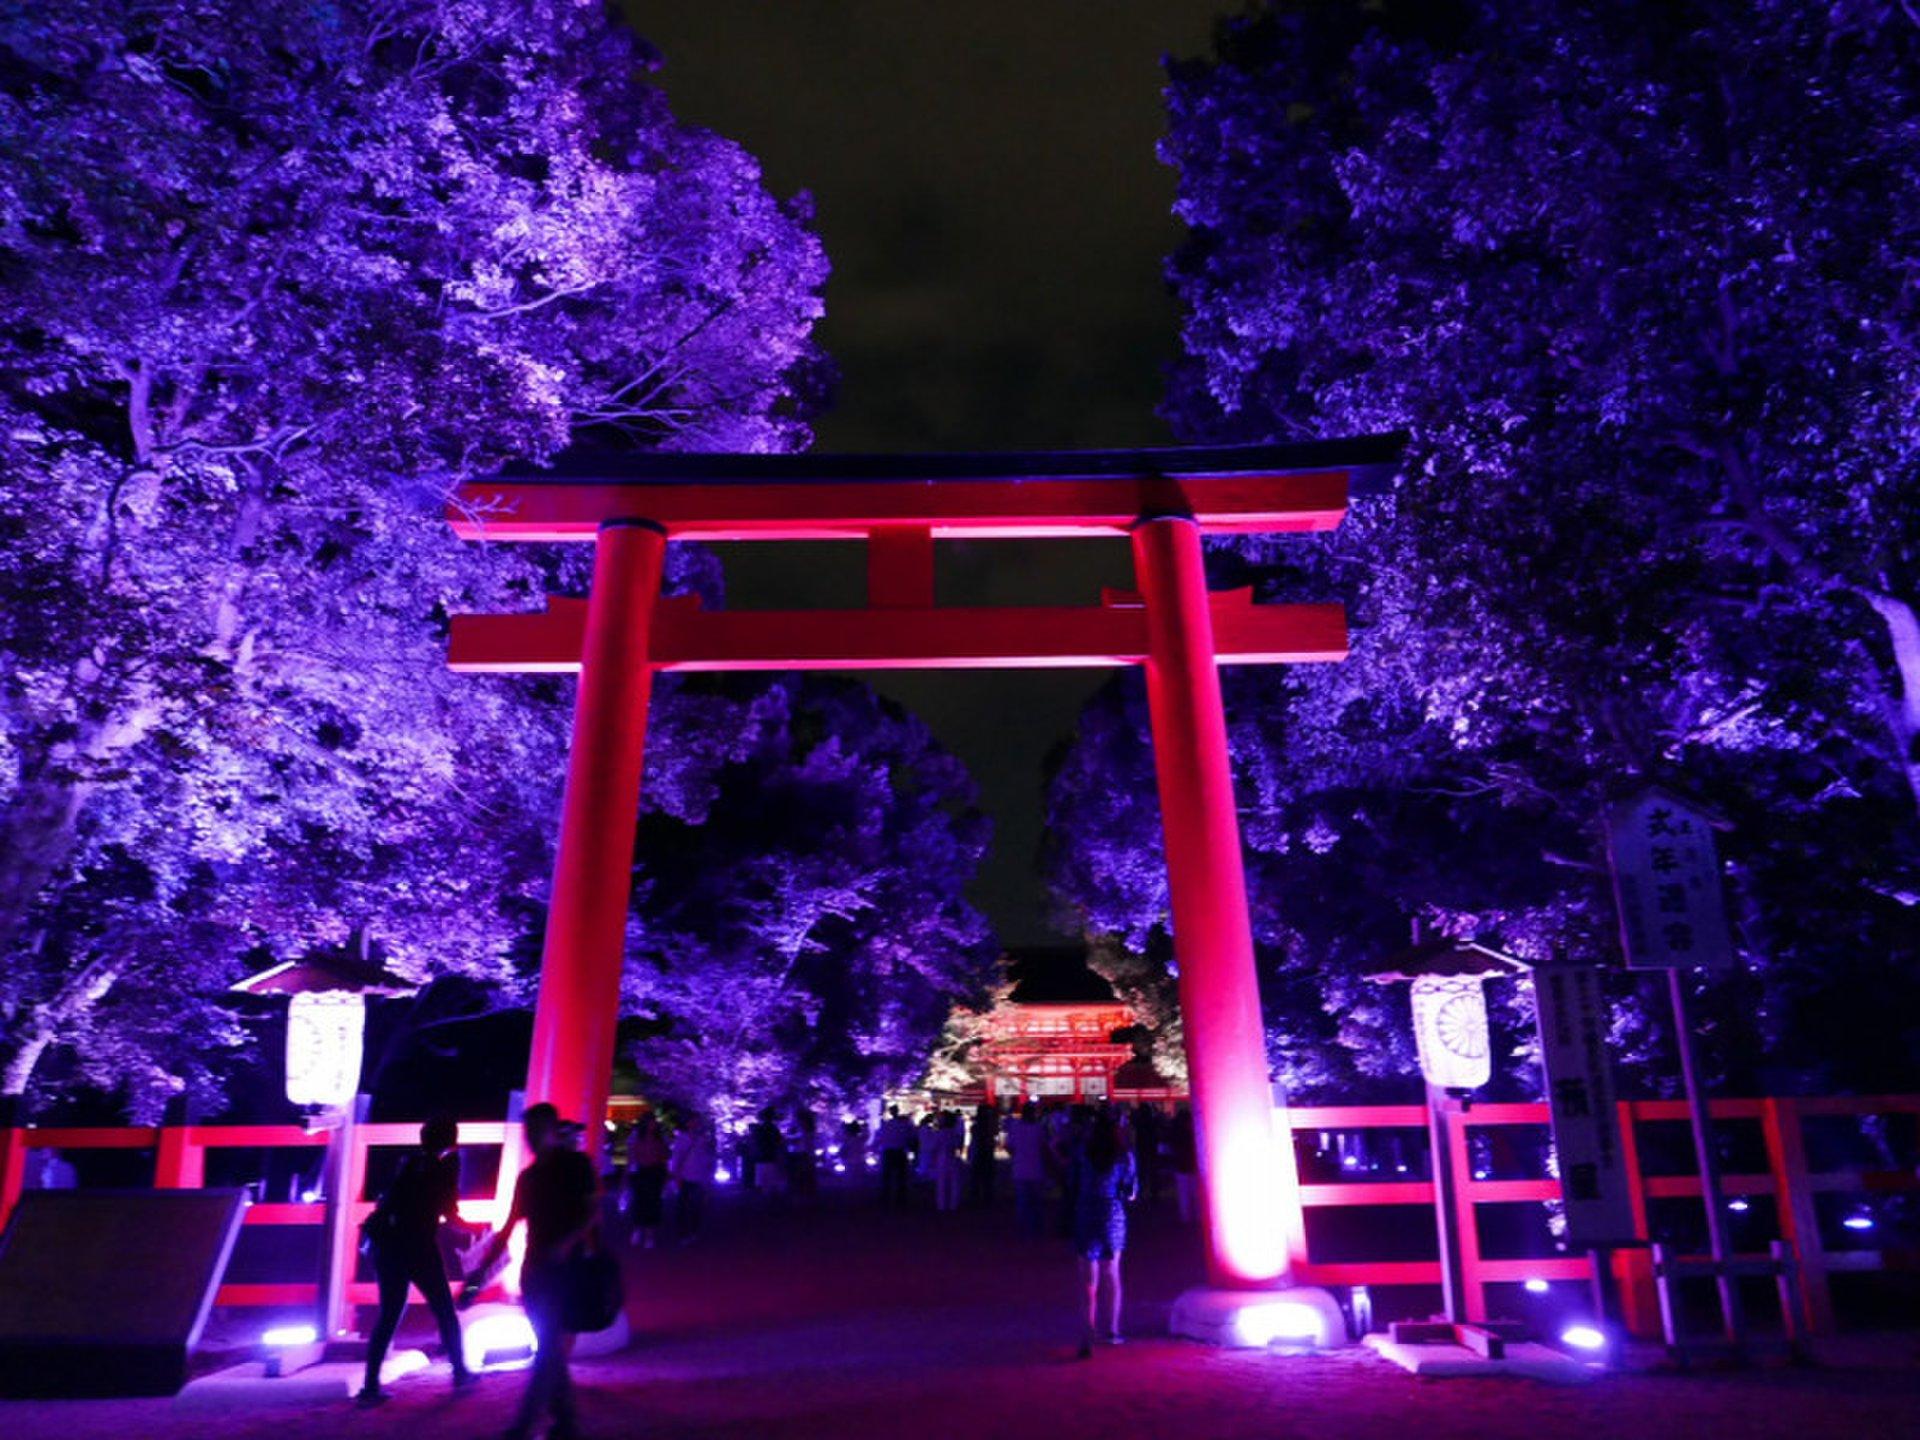 『夜は短し歩けよ乙女』の聖地巡礼へ!あのシーンの舞台はココですよ。